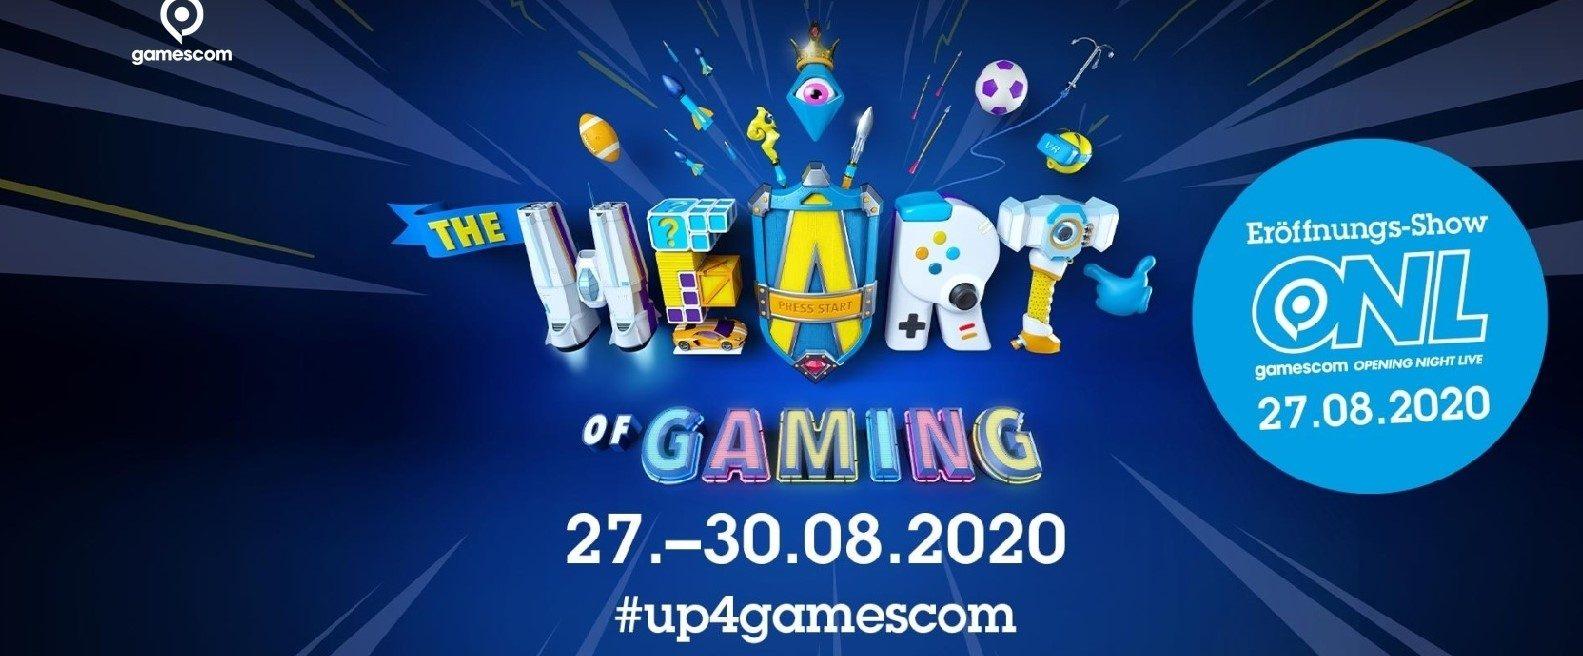 Gamescom 2020 Logo